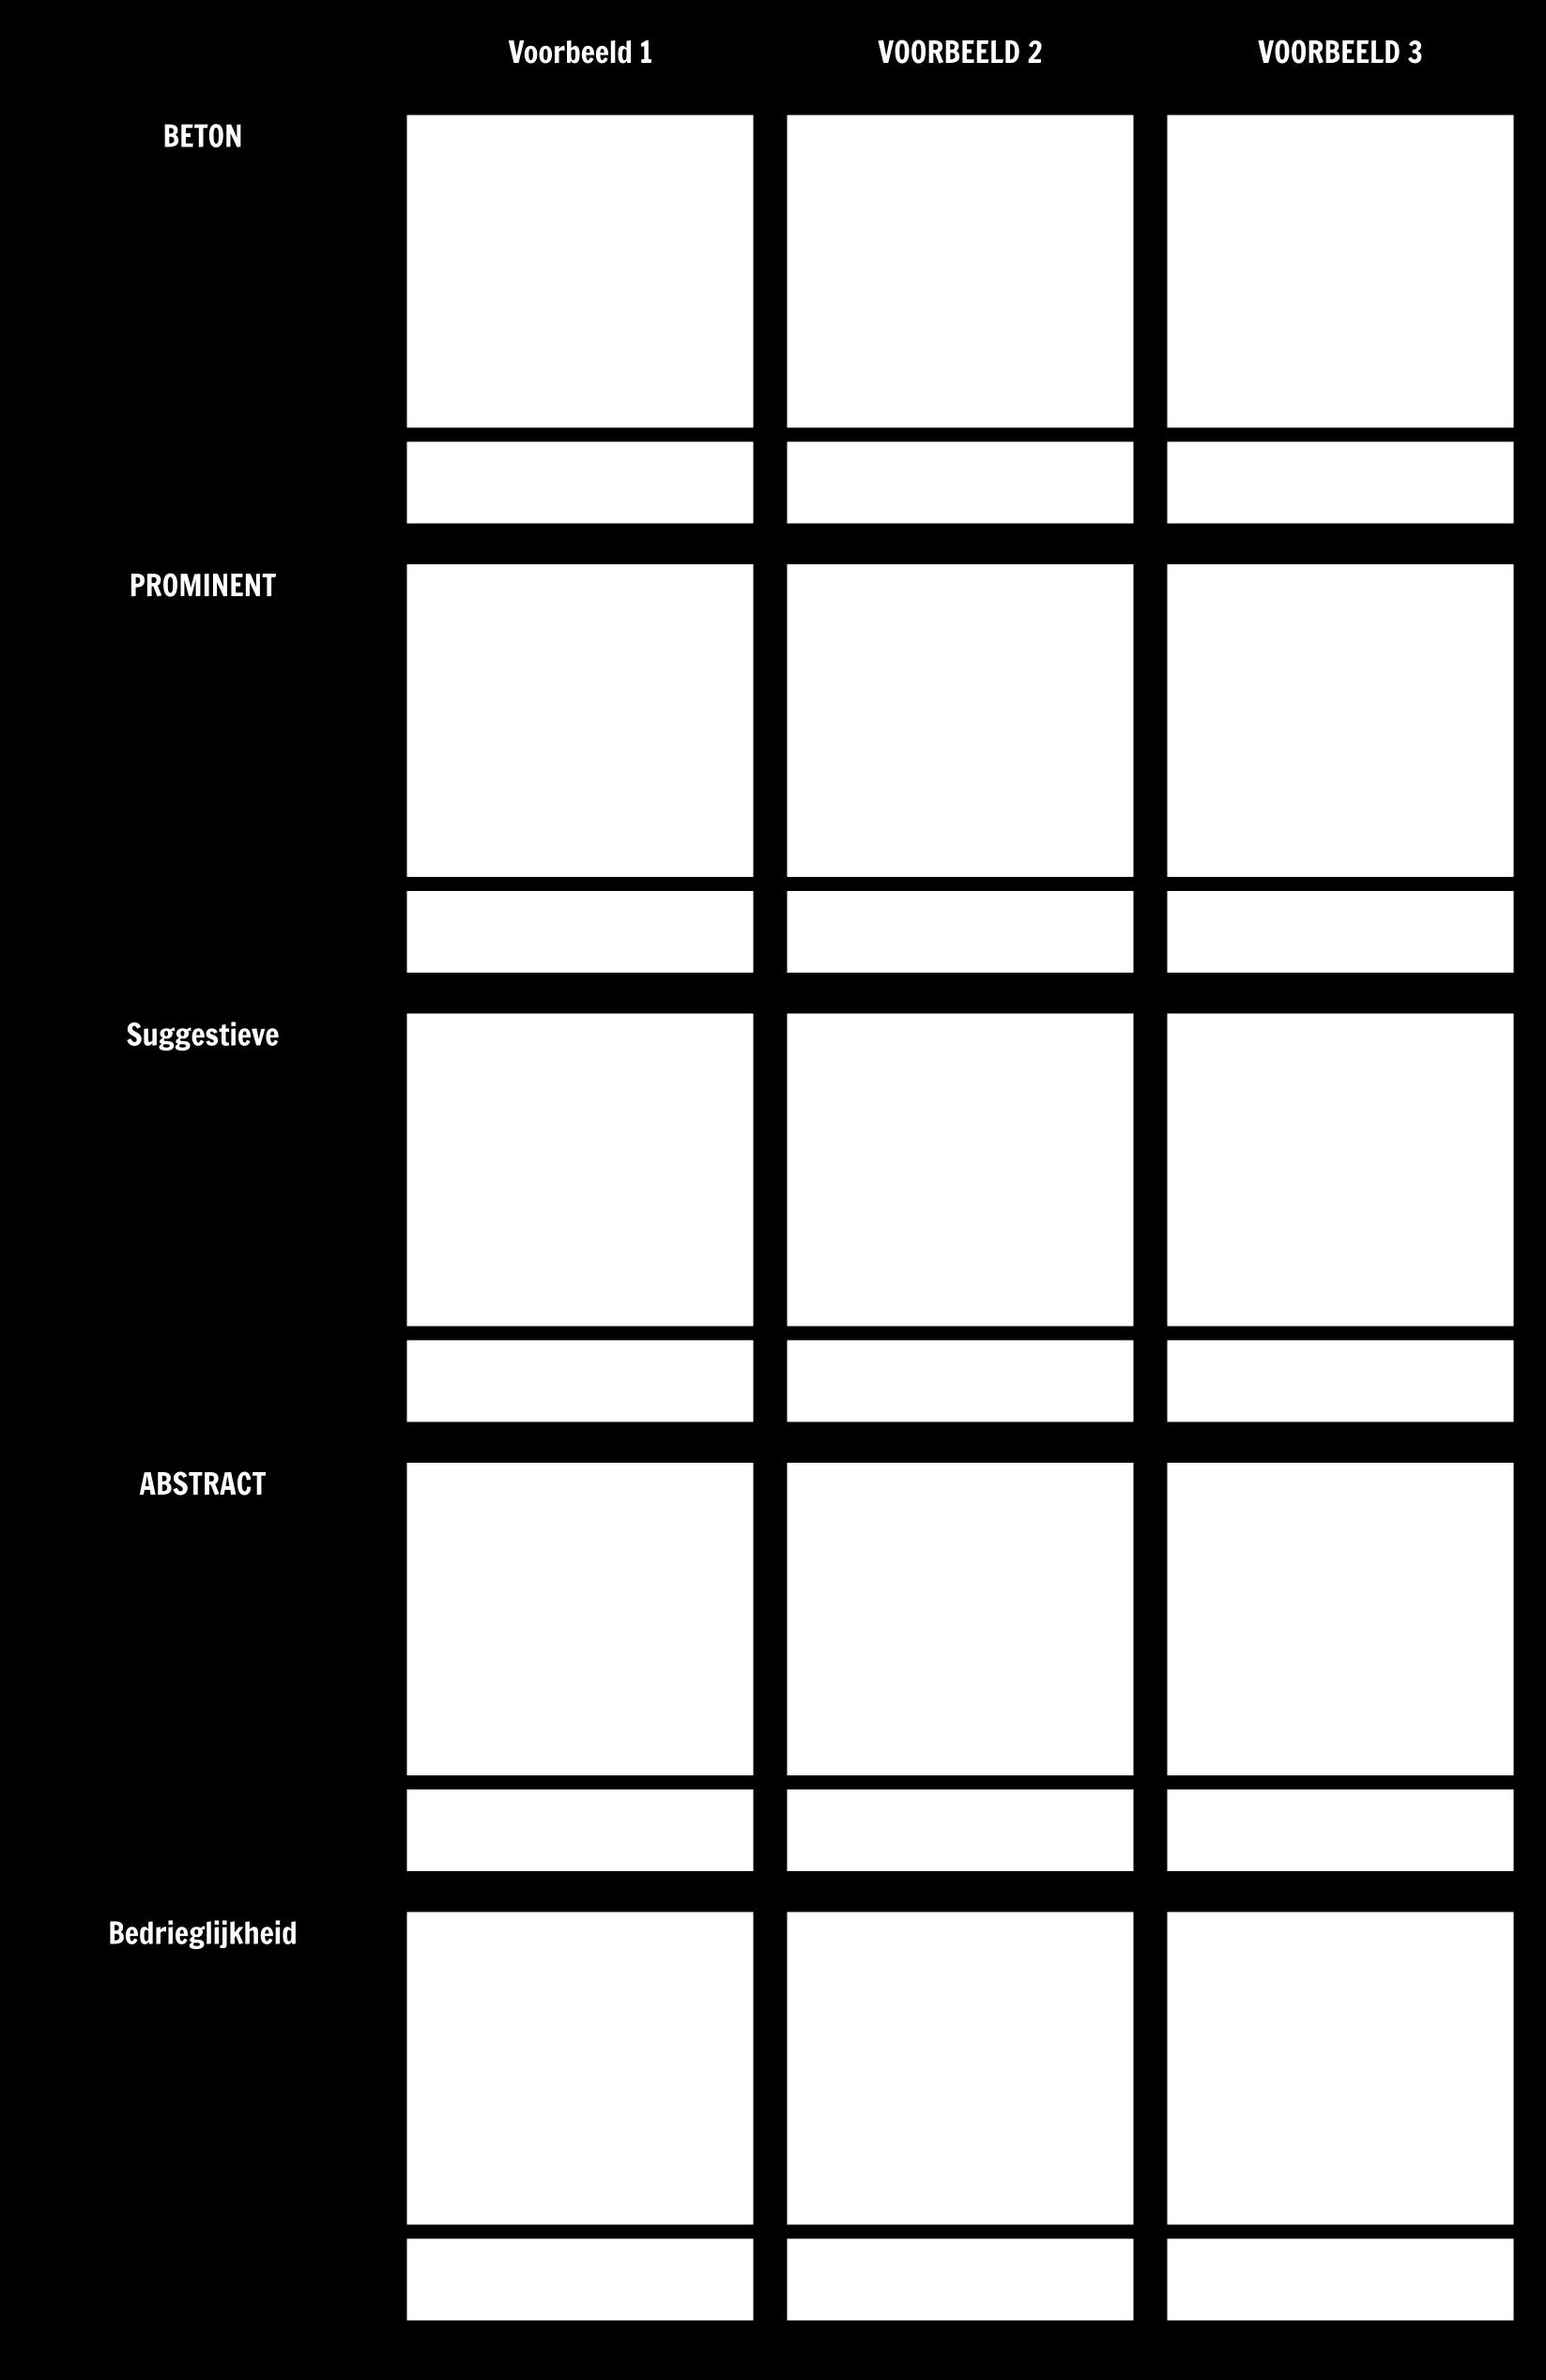 Soorten Voorafschaduwing - Werkblad / Template 2